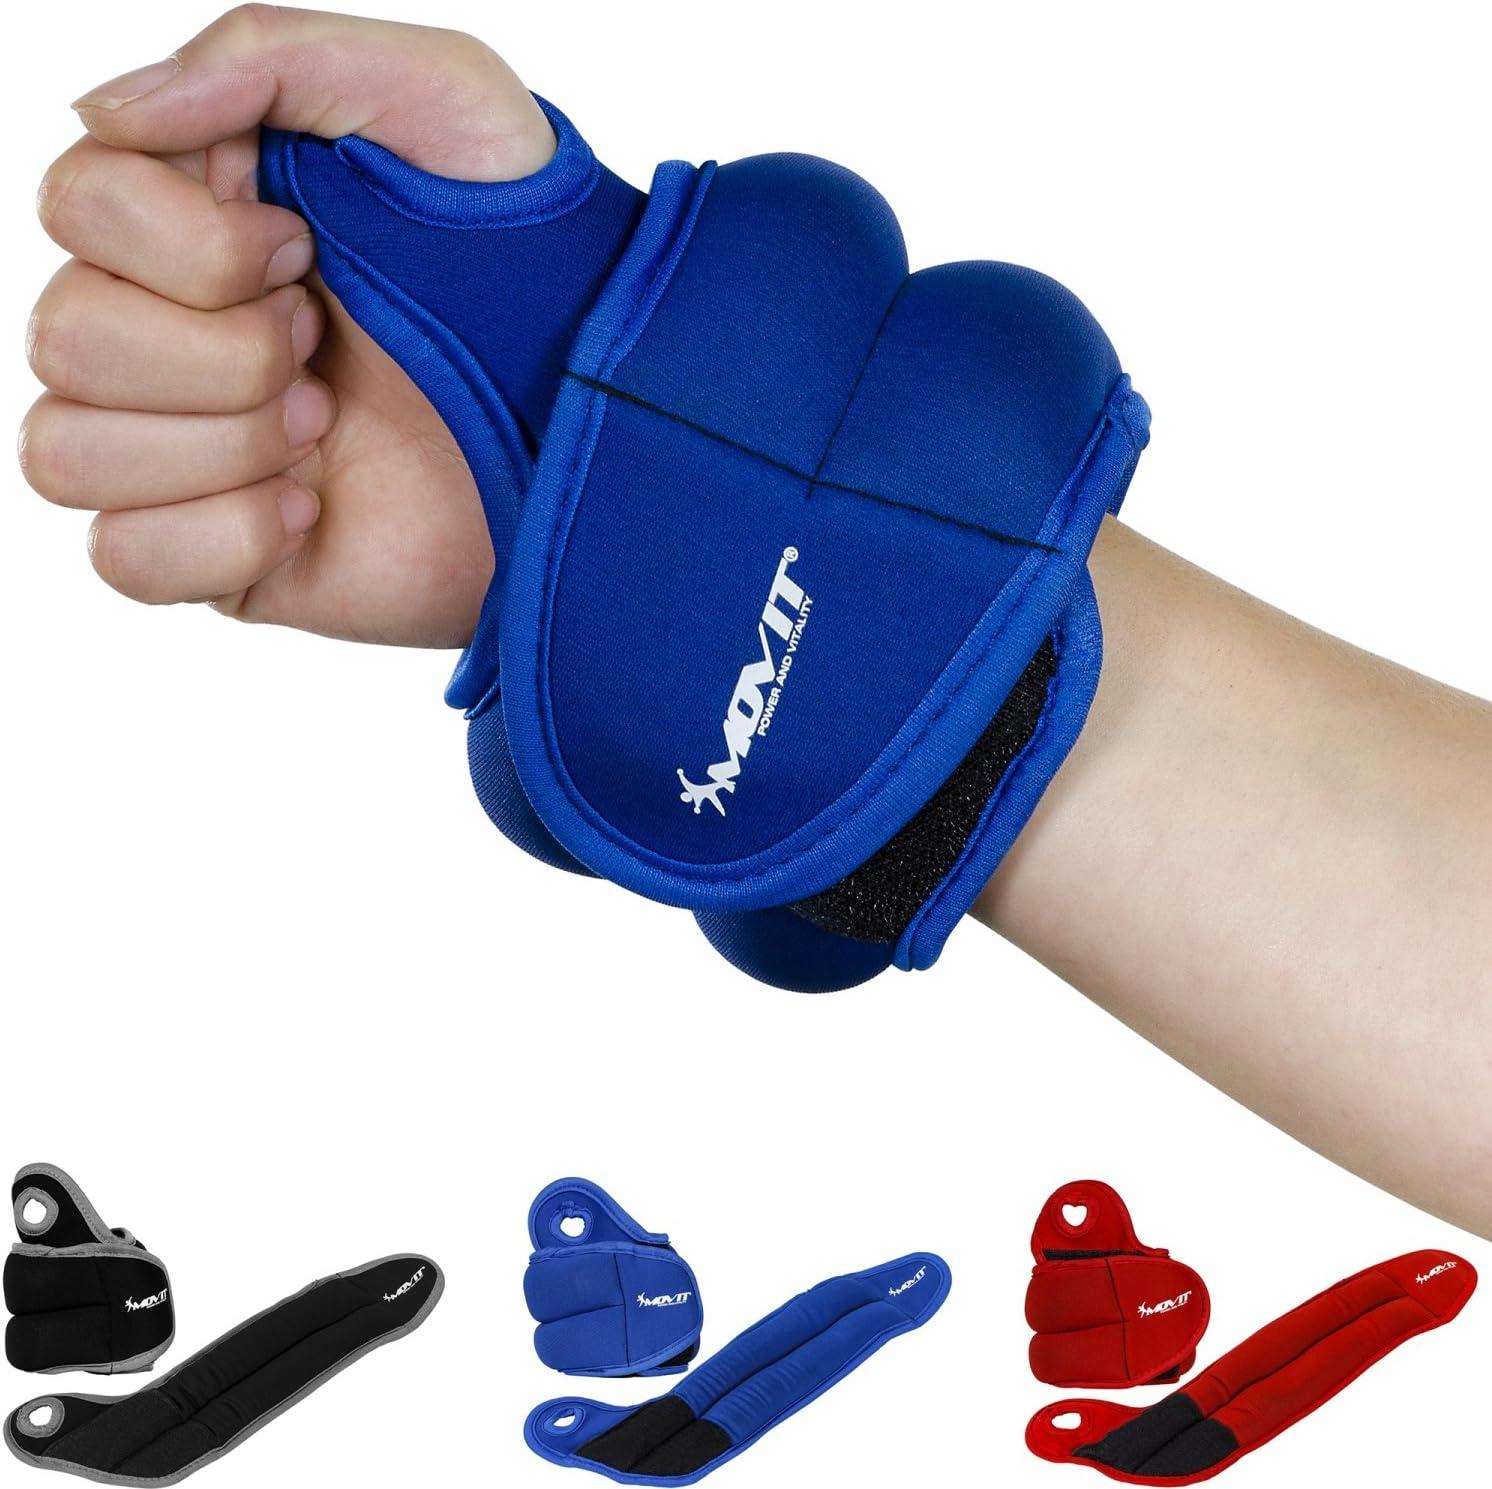 Bewegung XN8 Gewichtsmanschetten Verstellbares Neopren Fu/ßgelenkgewichte|0.5kg-3kg Armgewichte Handgelenkgewichte f/ür Fitness Gymnastik Laufen Joggen